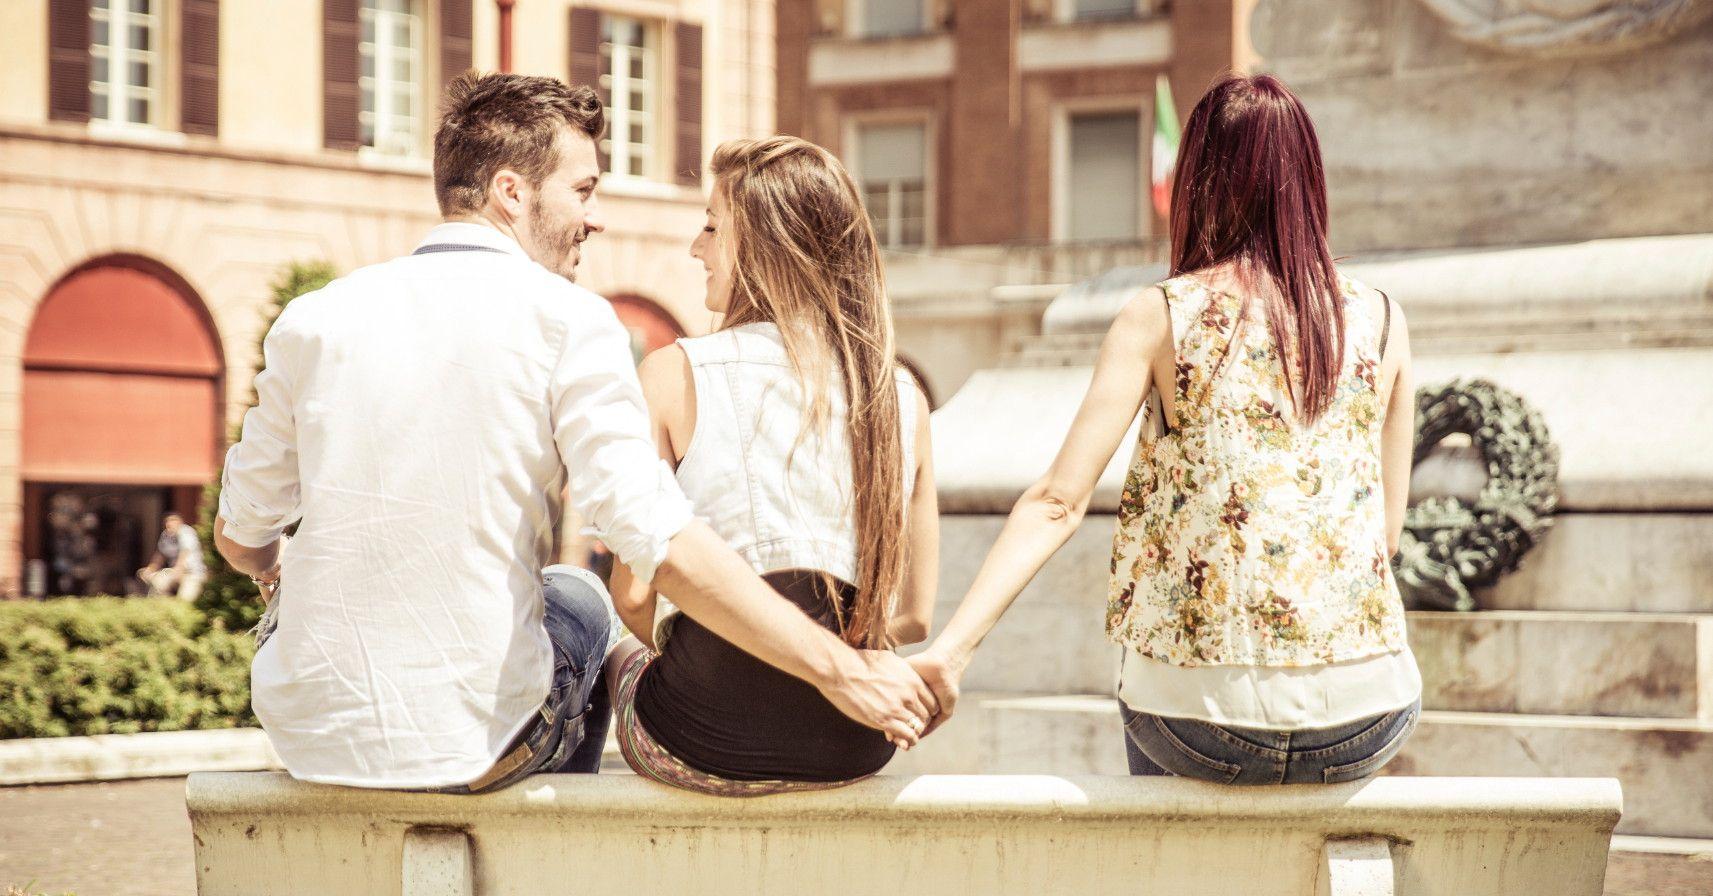 Le 5 scuse più usate per incontrare l'amante